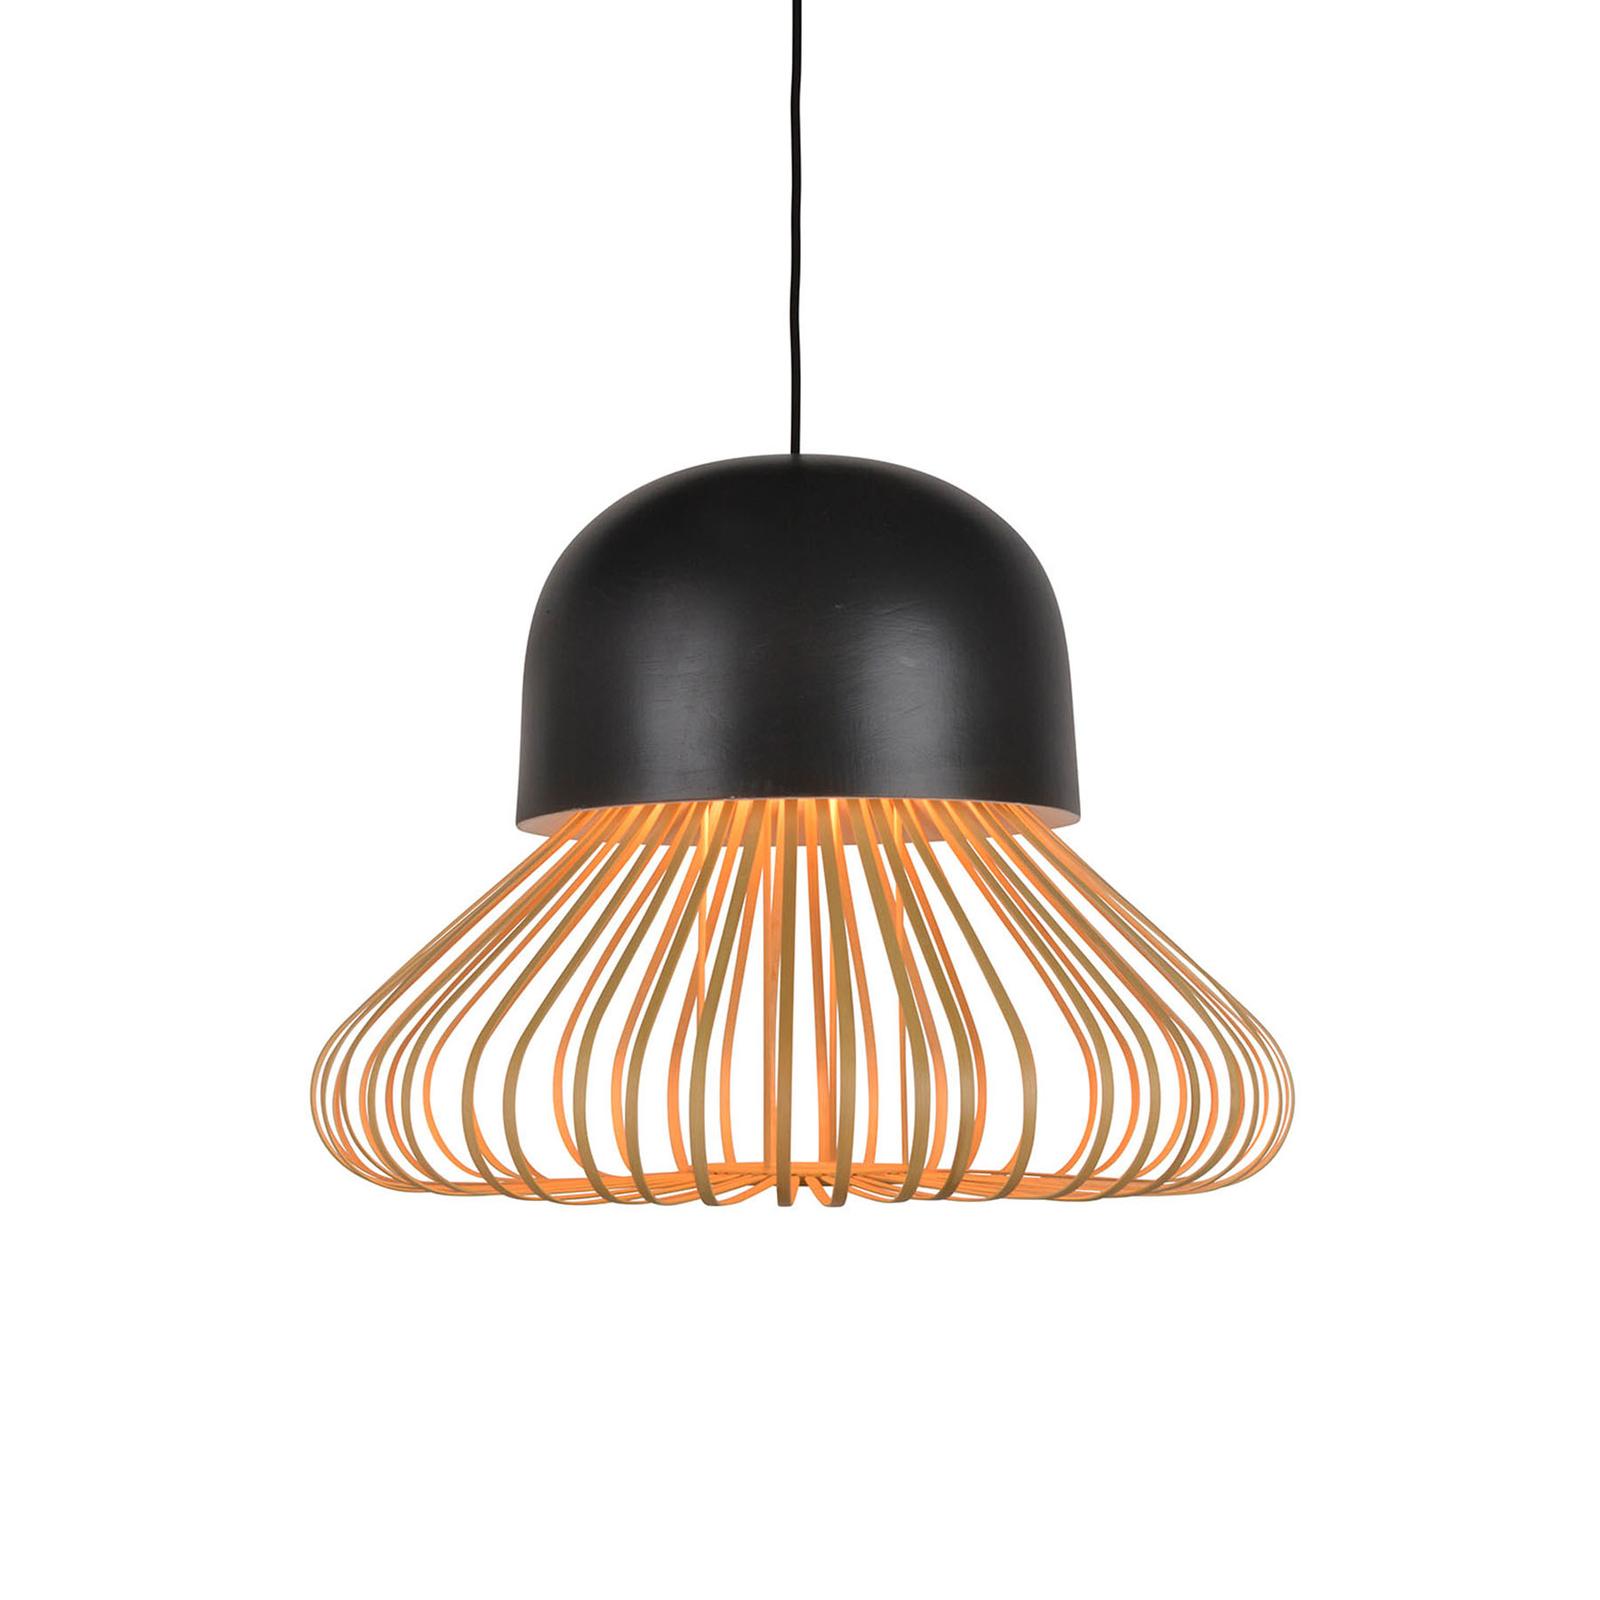 Forestier Anemos L hængelampe, 55 cm, mørkegrå